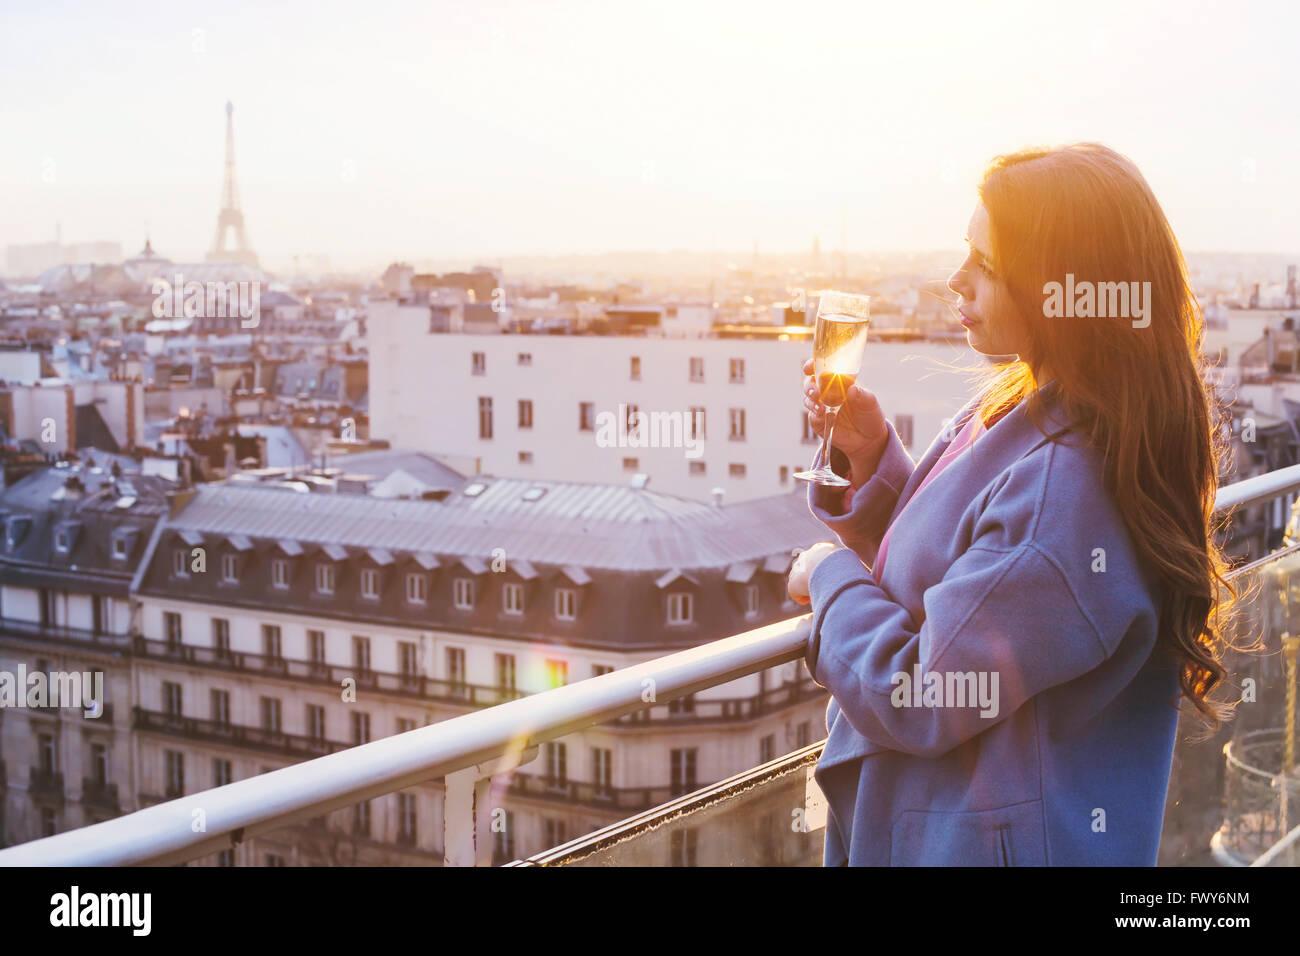 Donna godendo di una vista panoramica di Parigi e la Torre Eiffel al tramonto, tenendo in mano un bicchiere di vino Immagini Stock